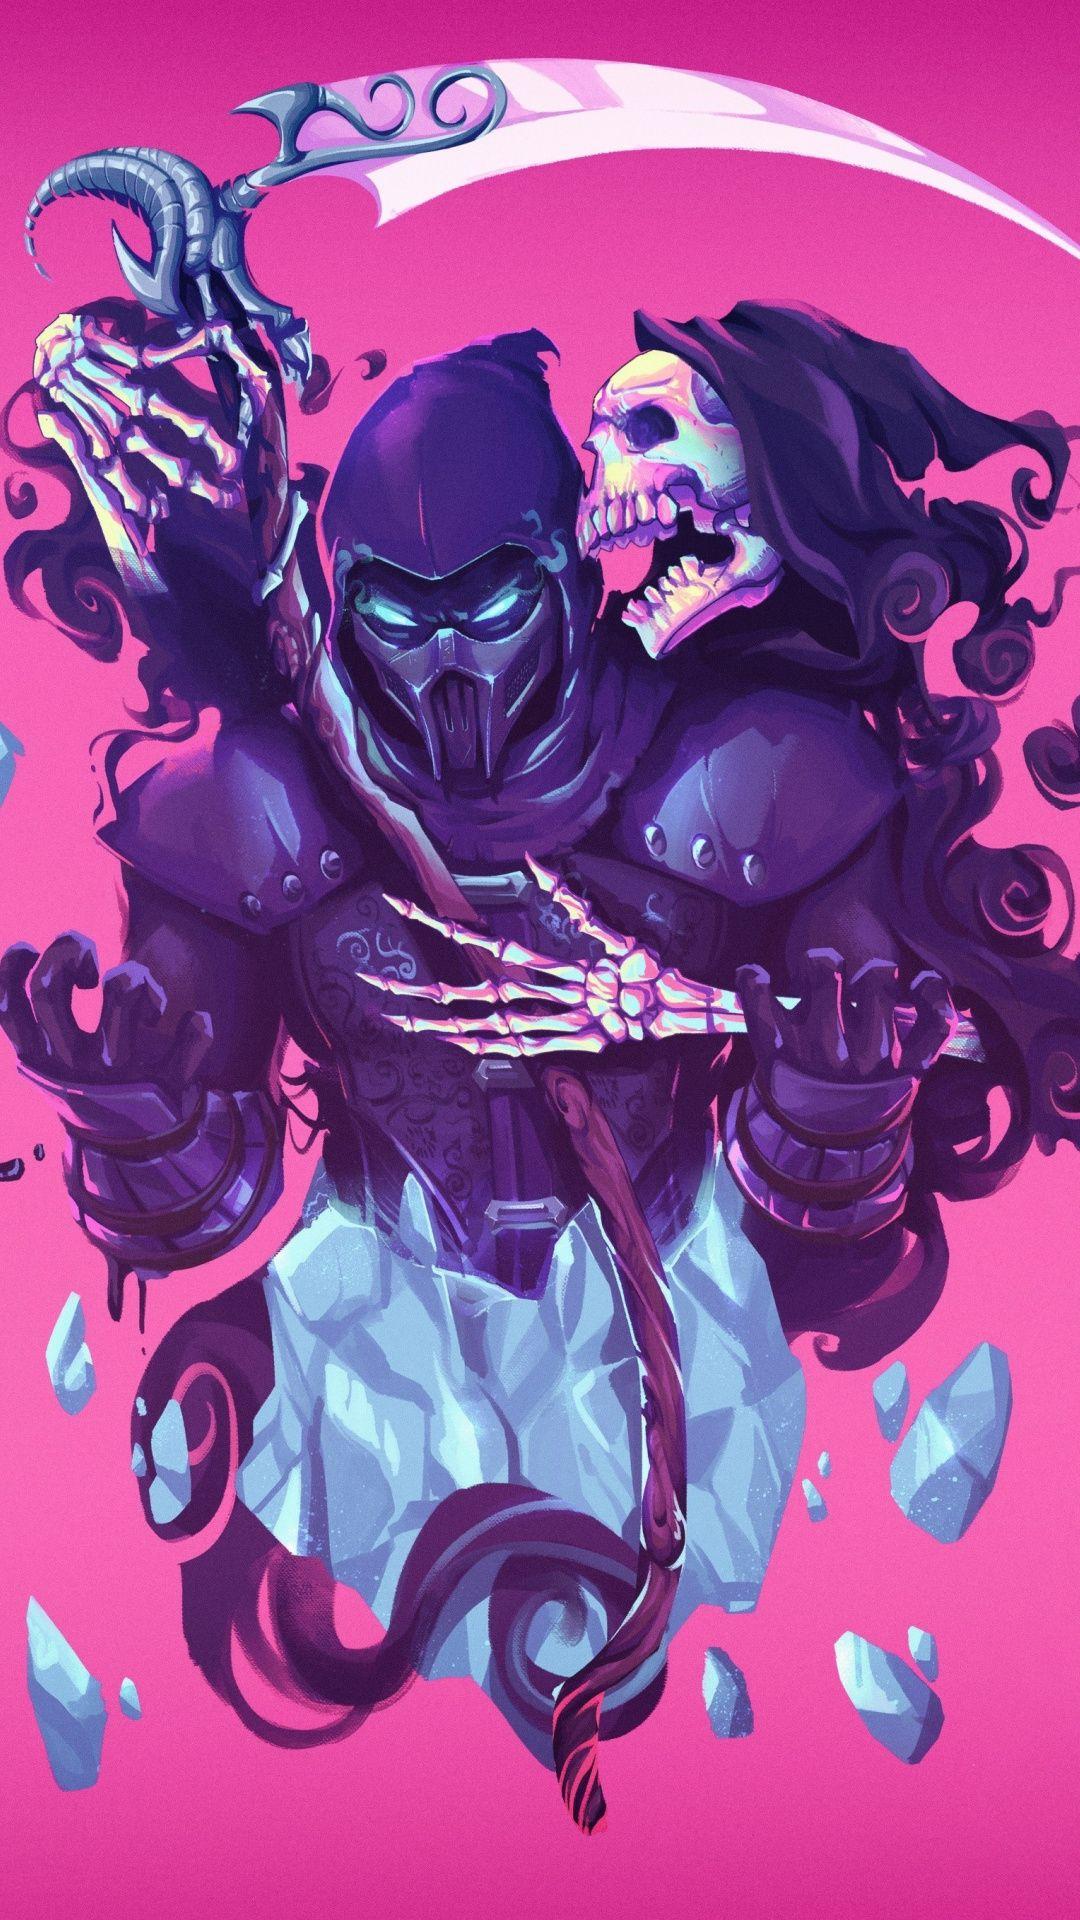 Video Game Mortal Kombat Grim Reaper Artwork 1080x1920 Wallpaper Mortal Kombat Comics Mortal Kombat Art Mortal Kombat X Wallpapers